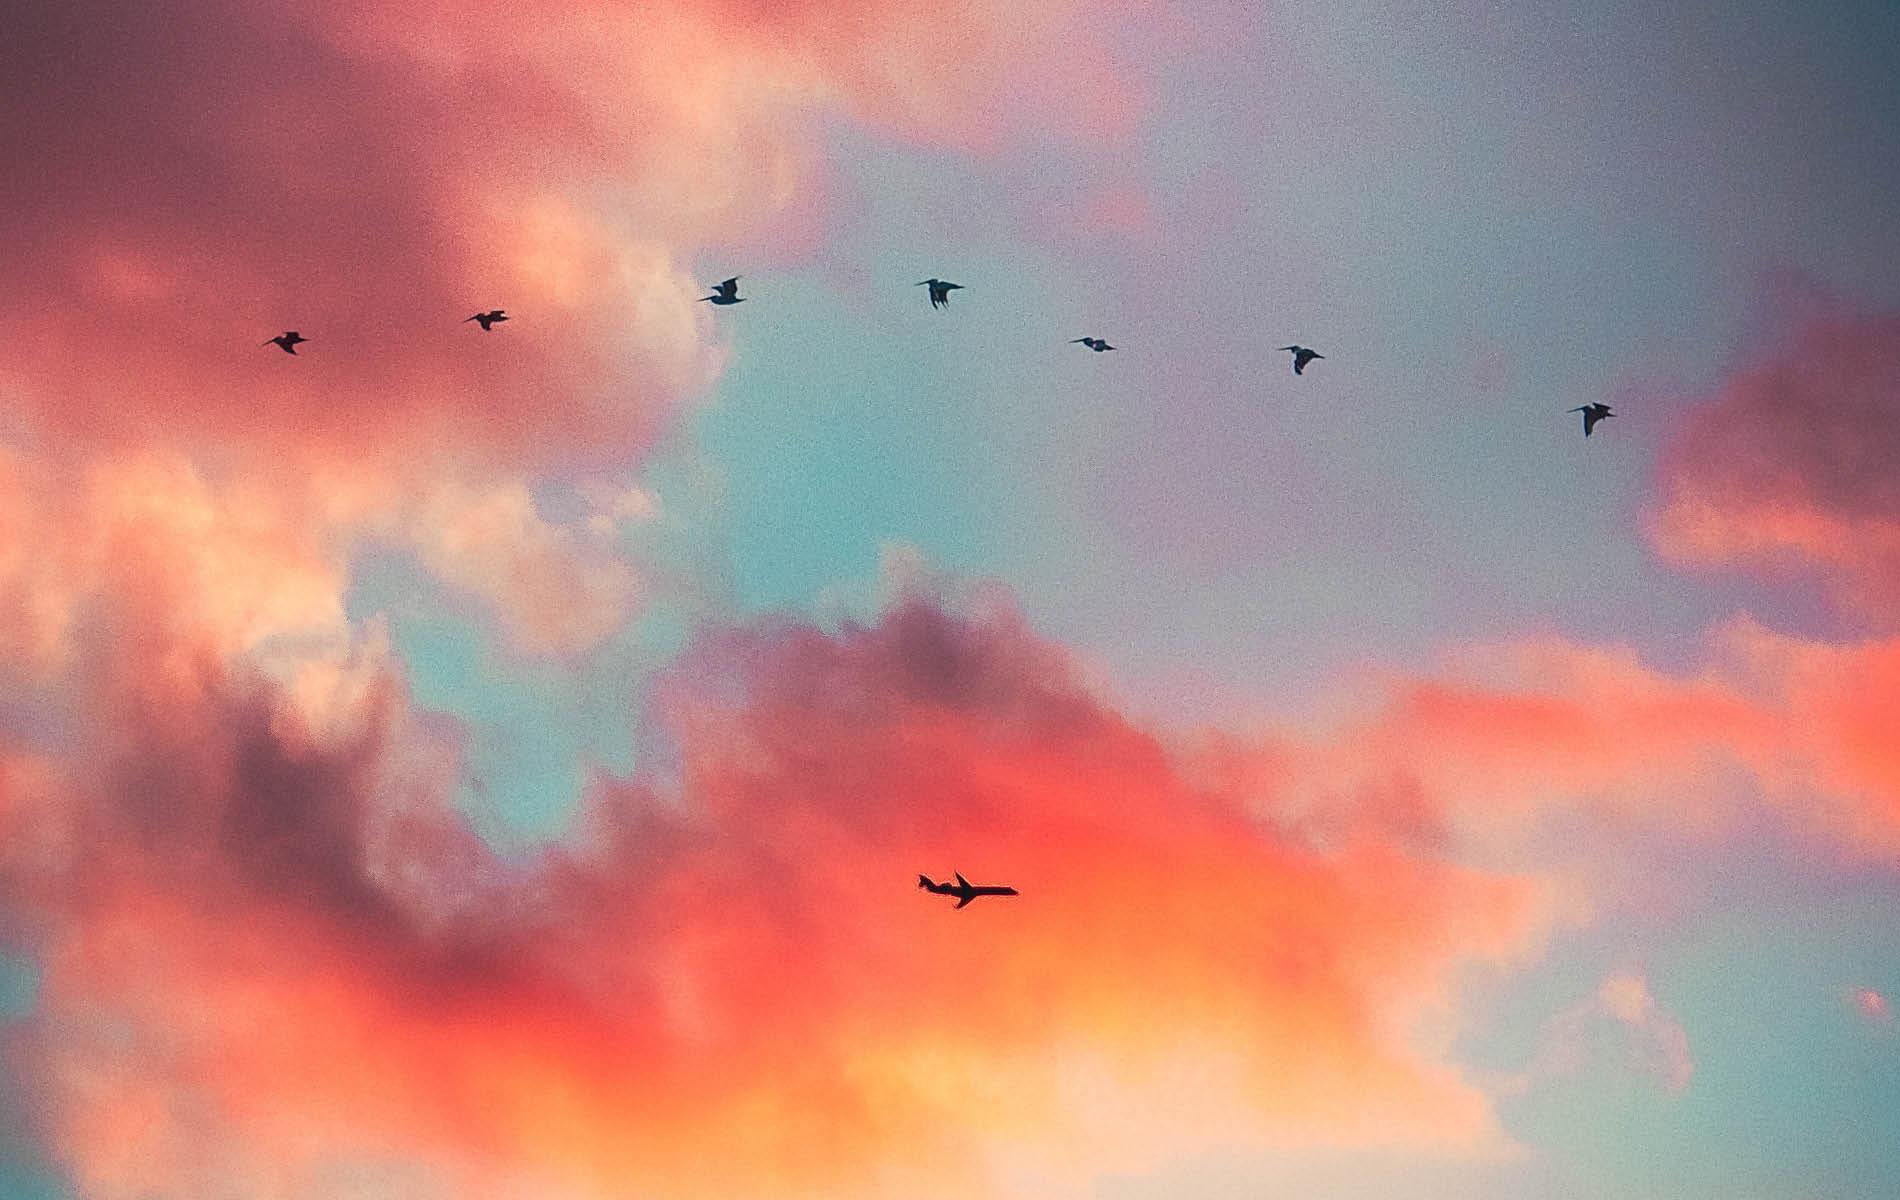 Flugzeug und Vögel am Himmel vor rot-orangenen Wolken